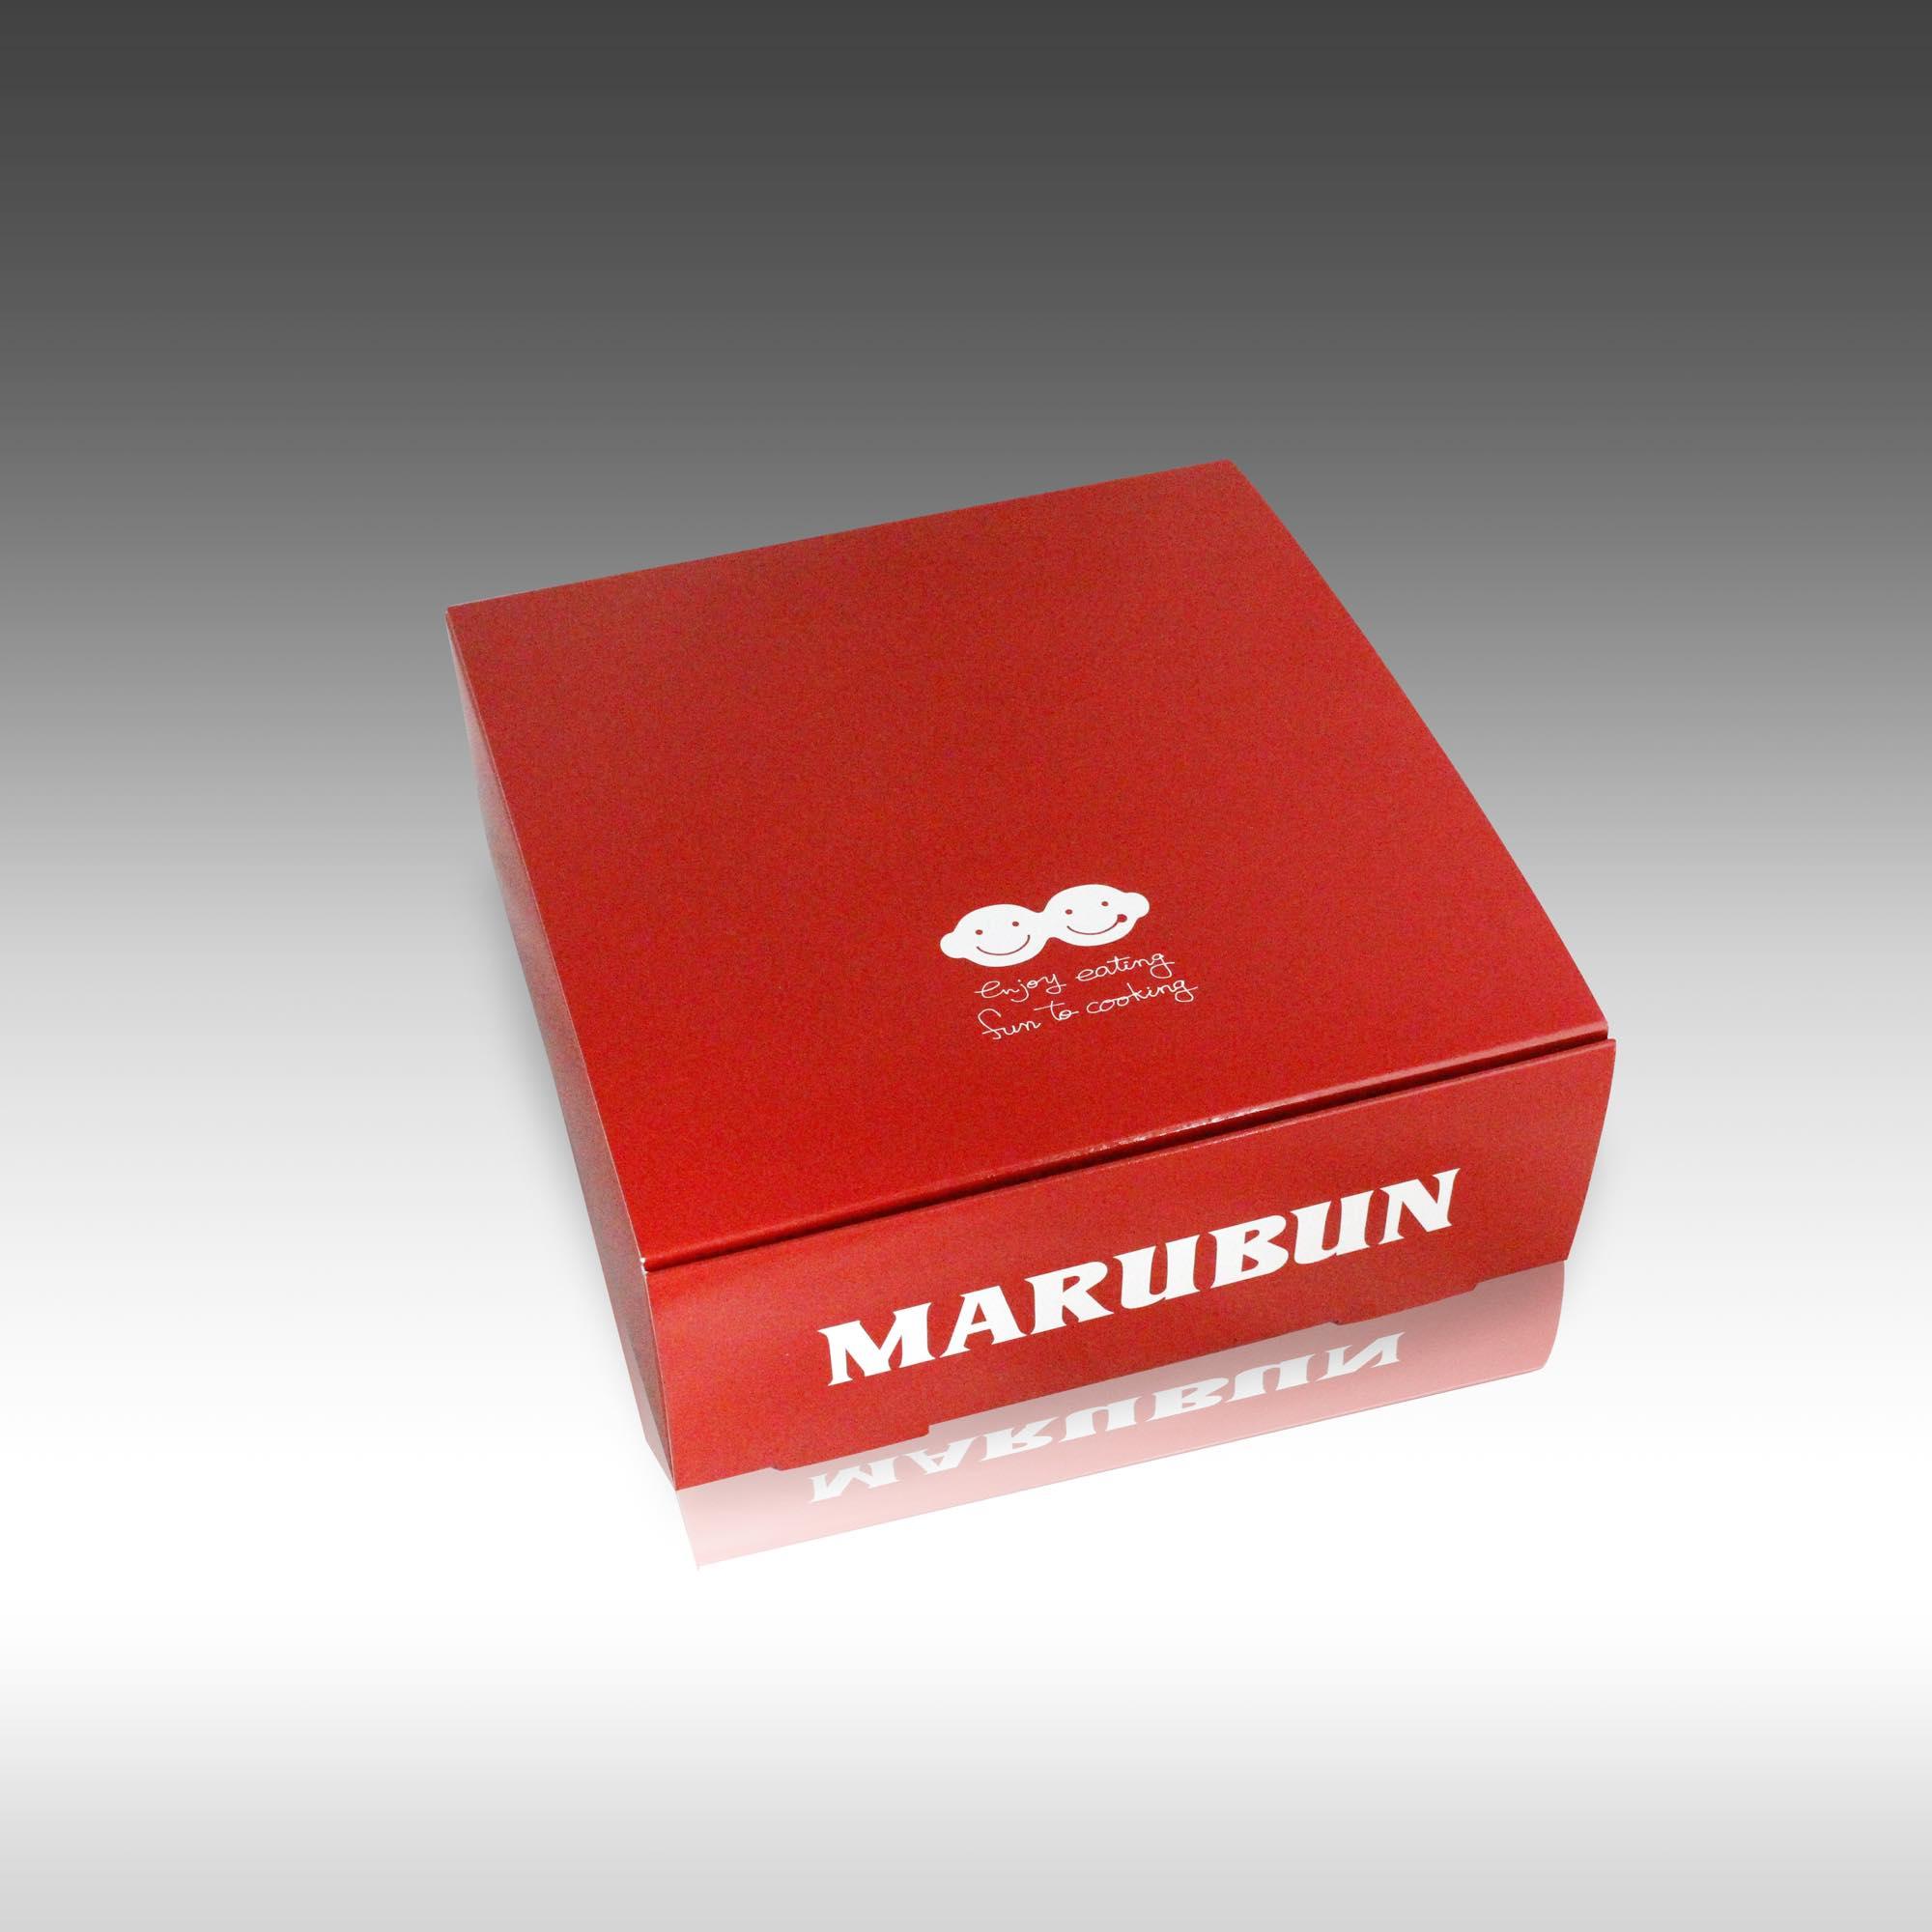 【ブランドを表現するマルブンさんの新しいケーキ箱!脳内にブランドが出来上がる!】